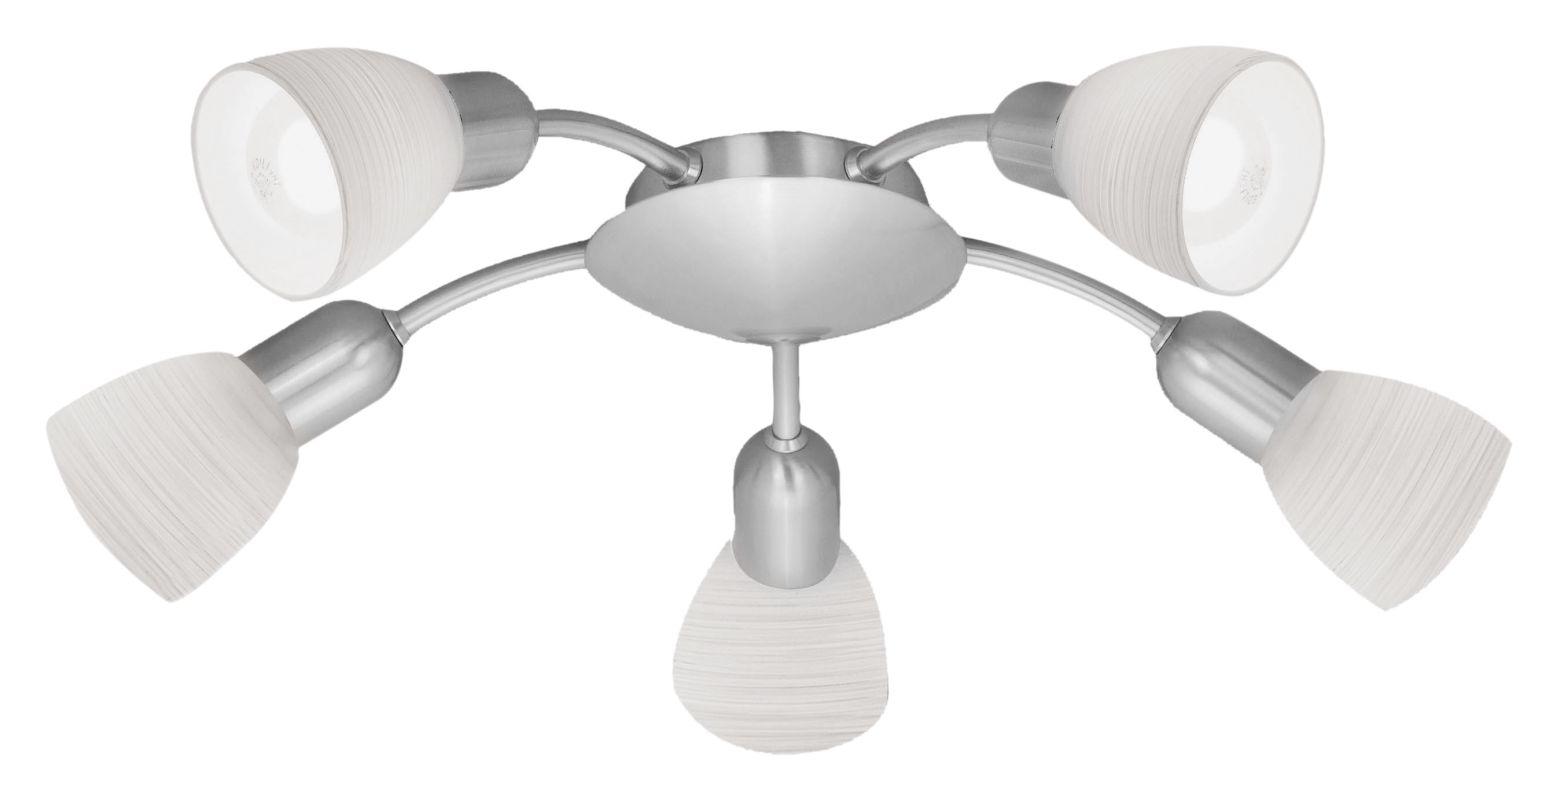 Eglo 88476 Dakar 1 Five-Bulb Chandelier Matte Nickel Indoor Lighting